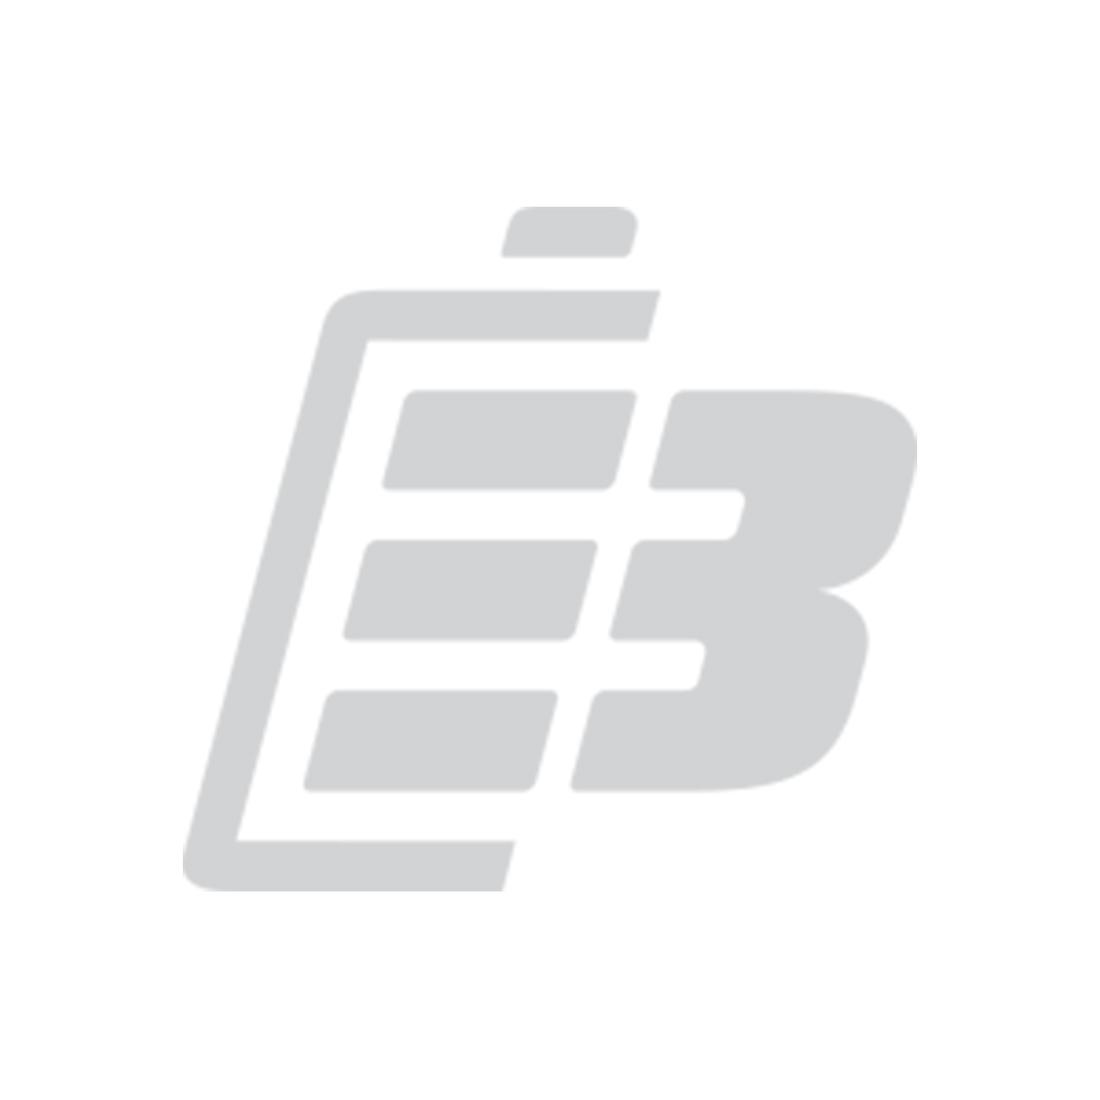 Fenix PD35 V2.0 LED Flashlight 1